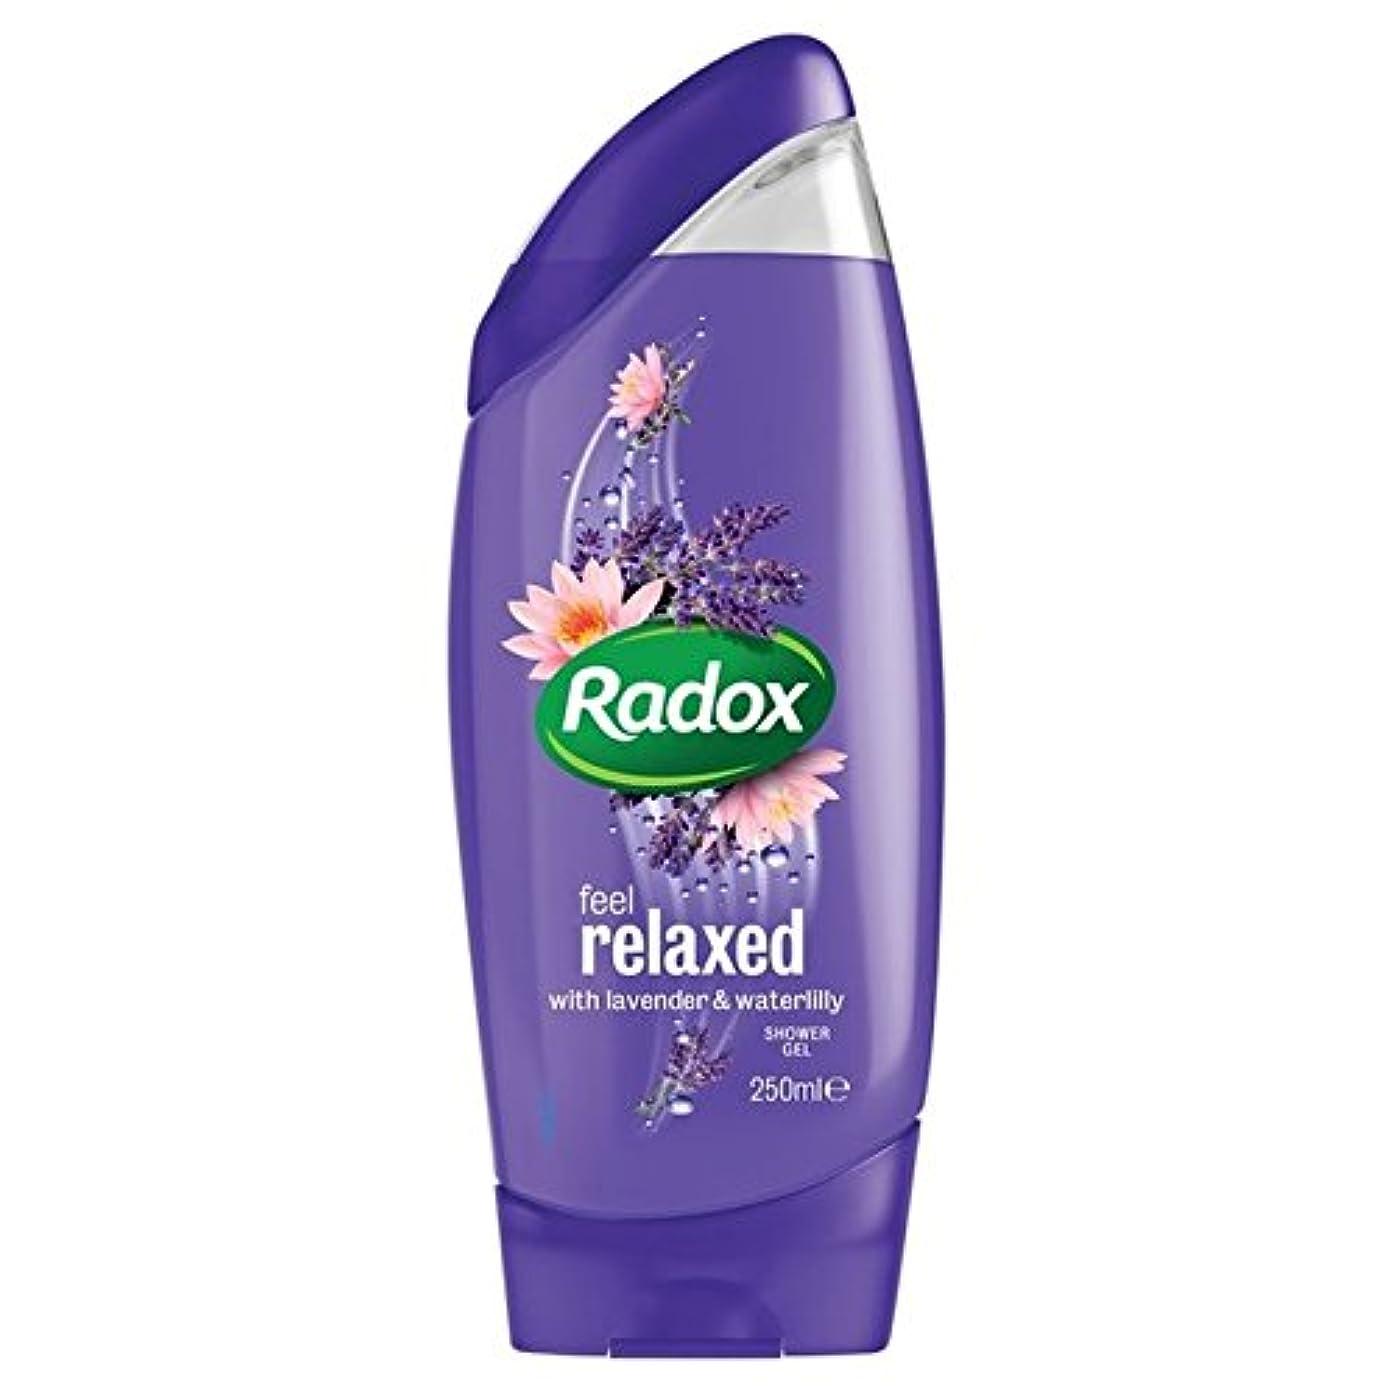 感謝祭窓発火するはリラックスシャワージェル250ミリリットルを感じます x2 - Radox Feel Relaxed Shower Gel 250ml (Pack of 2) [並行輸入品]